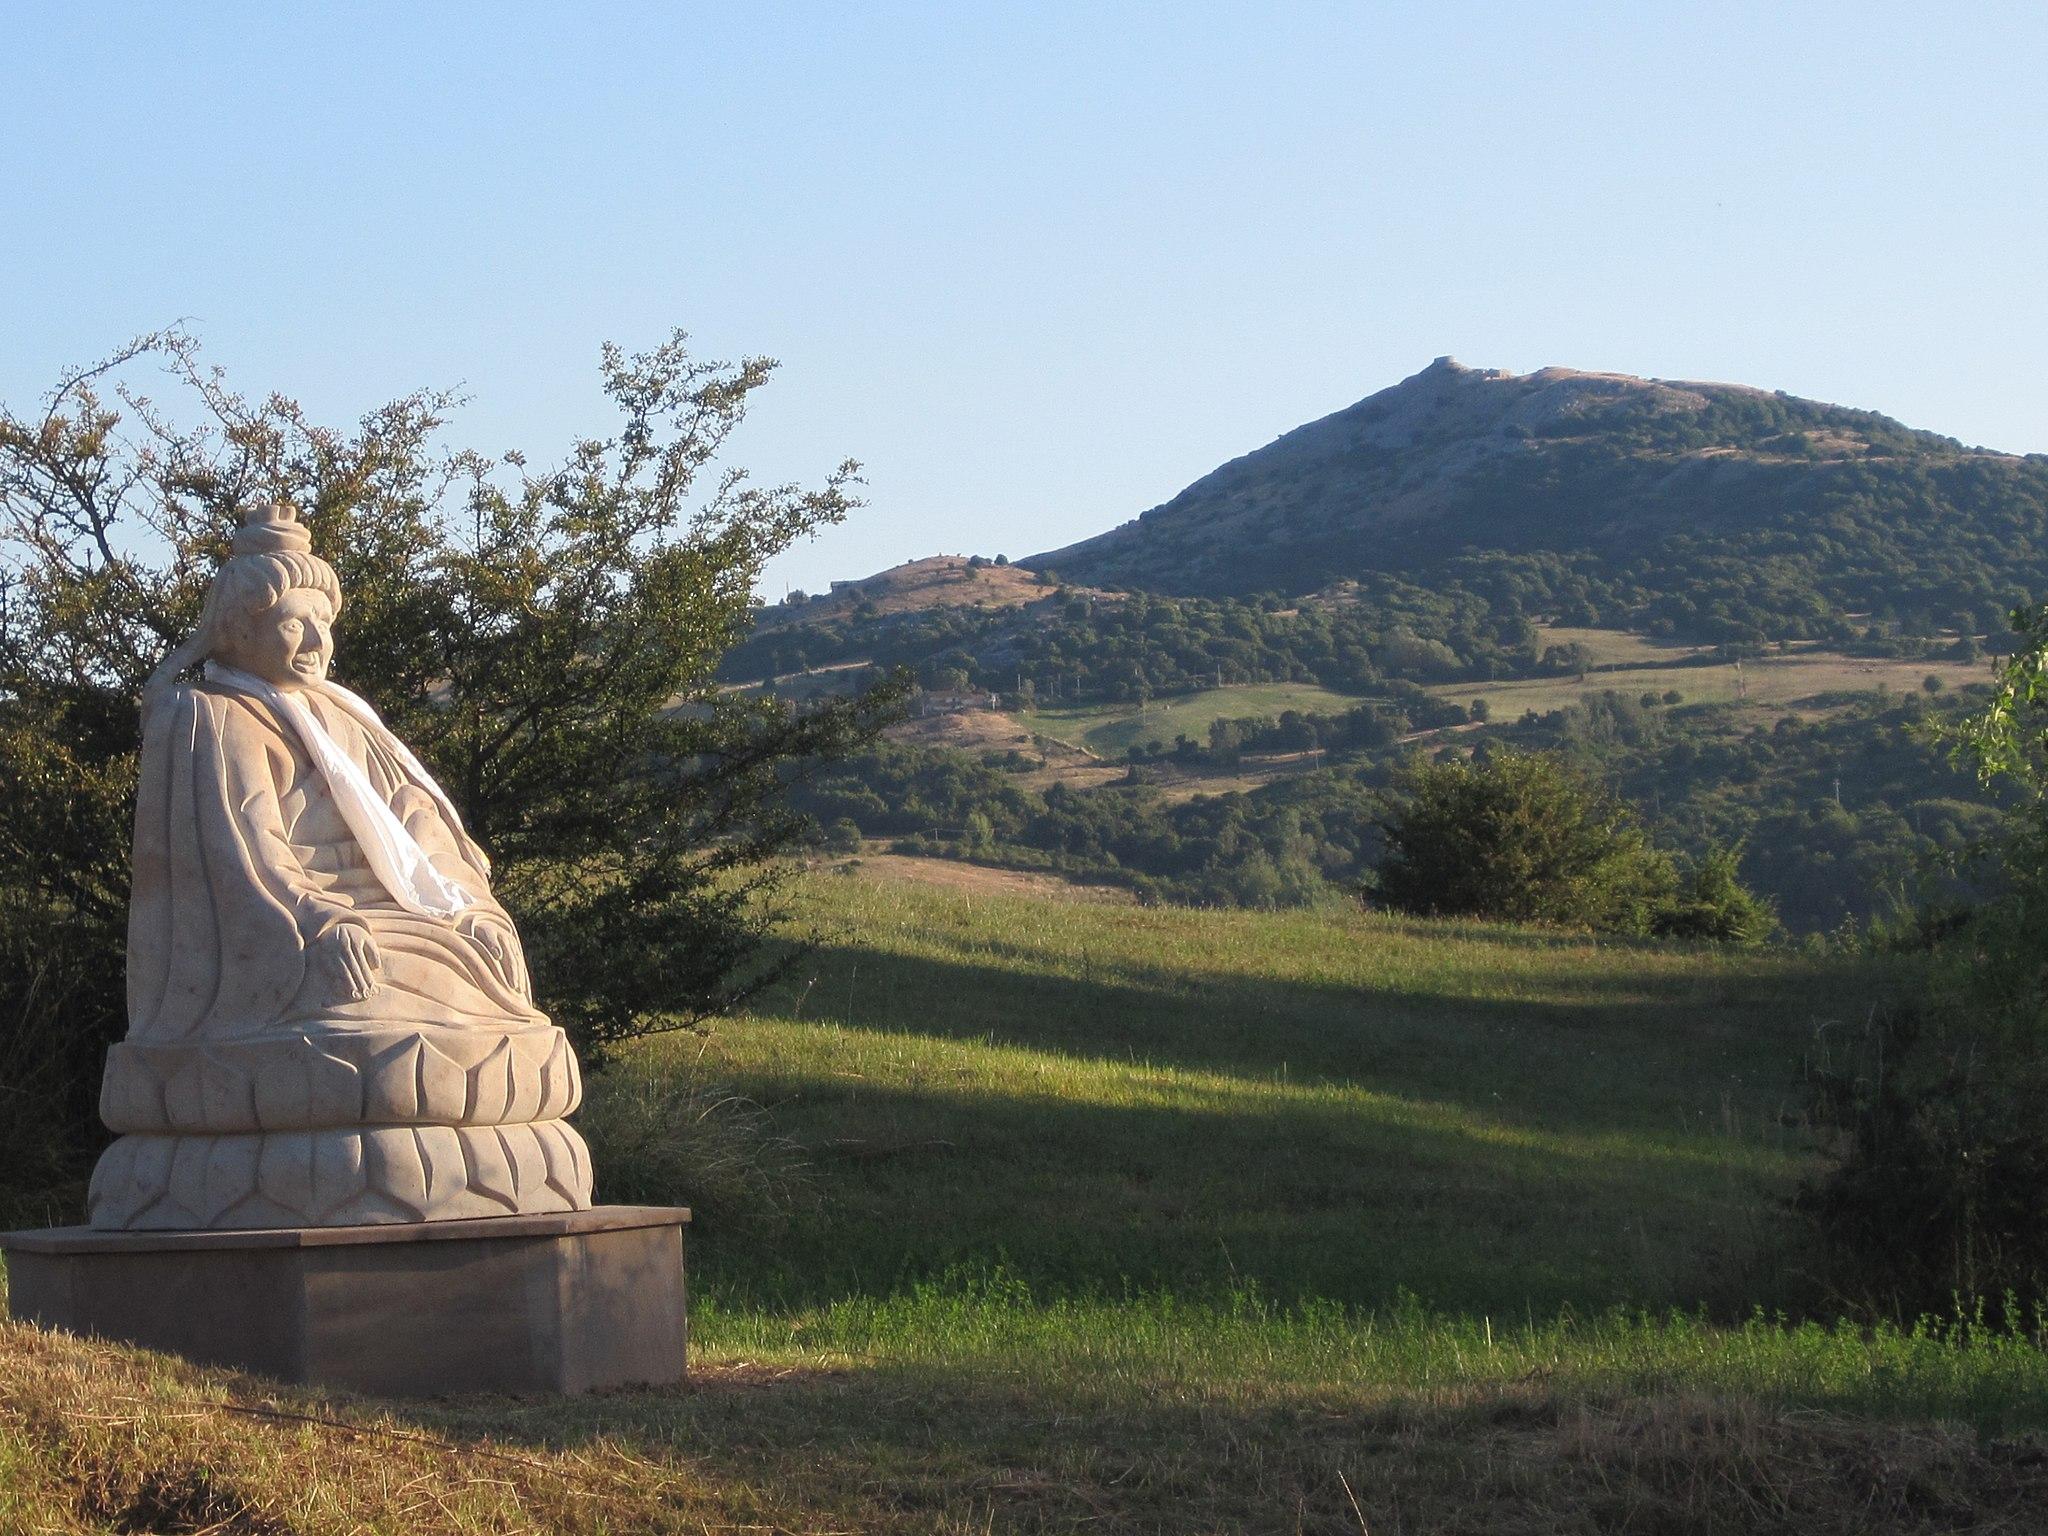 La statua di Buddha a Merigar West con alle spalle il Monte Labbro